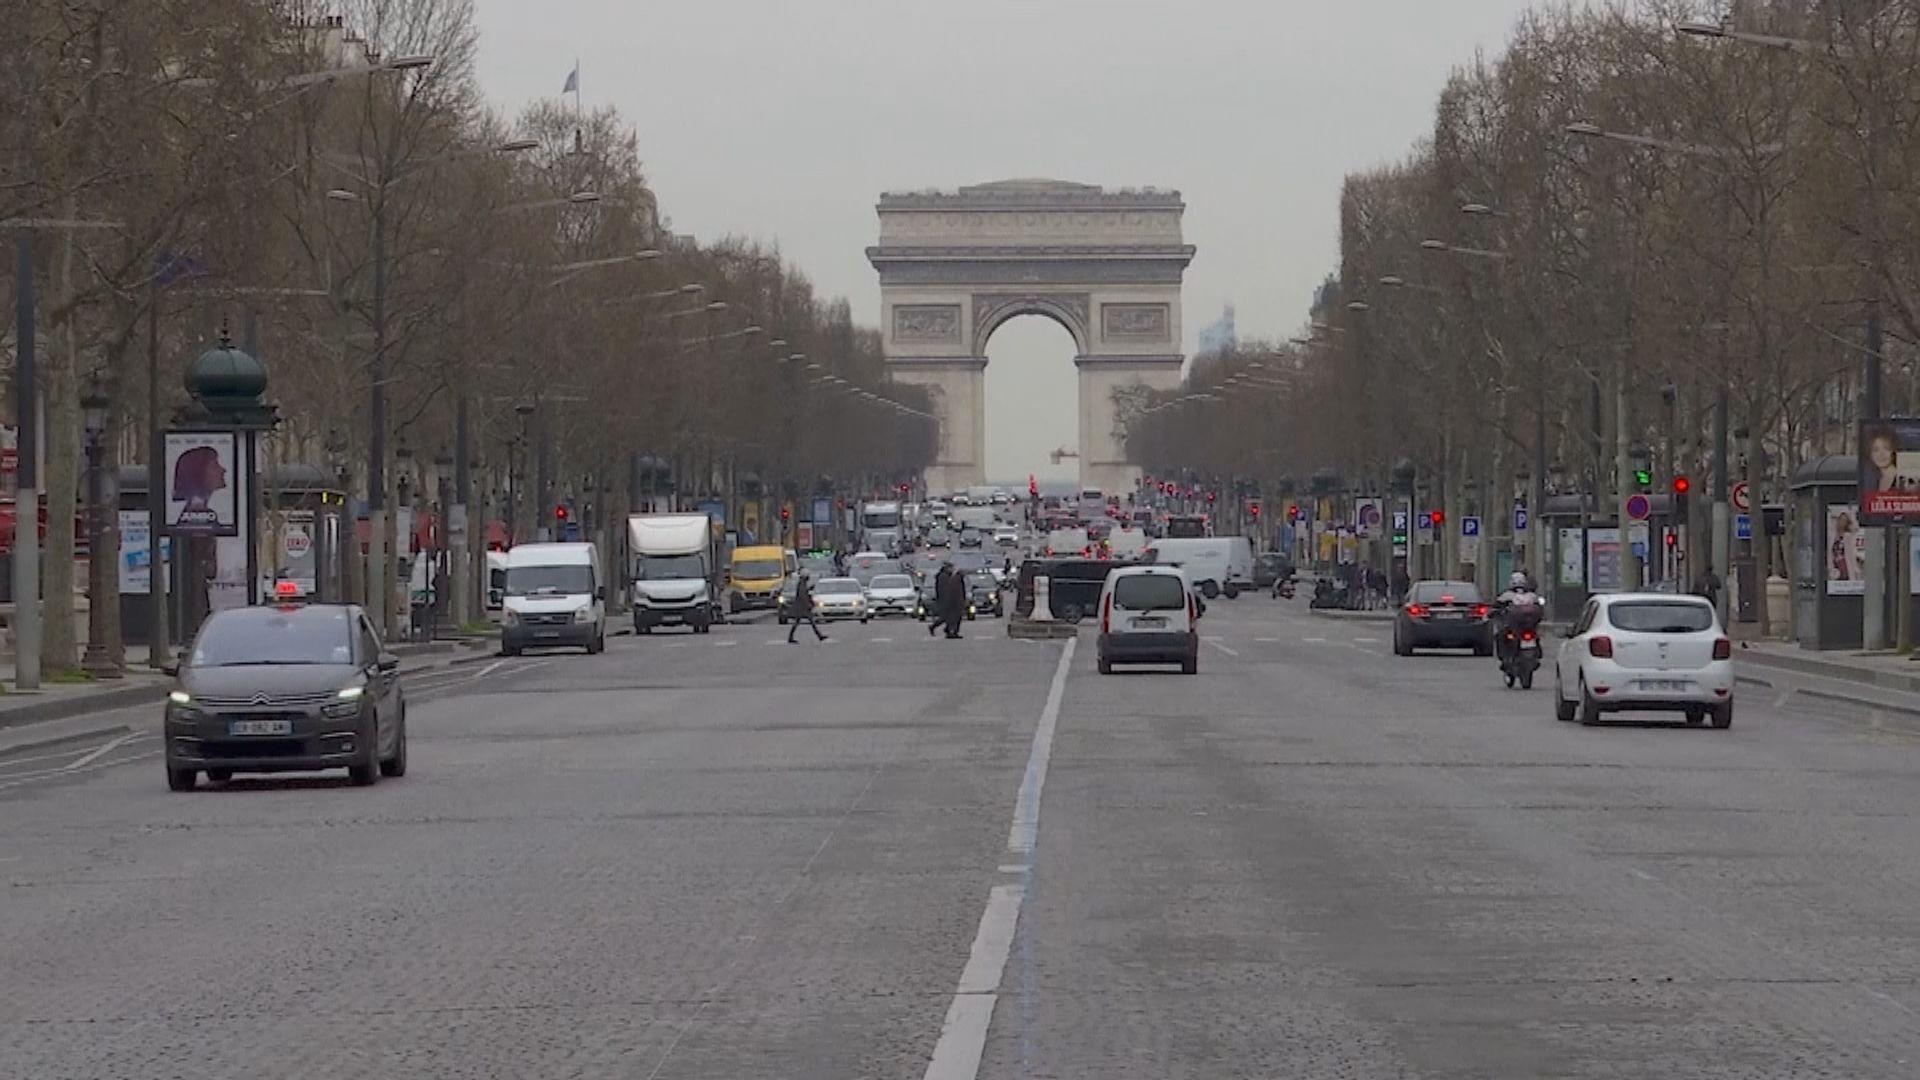 法國疫情持續 周日起禁止非歐盟民眾入境